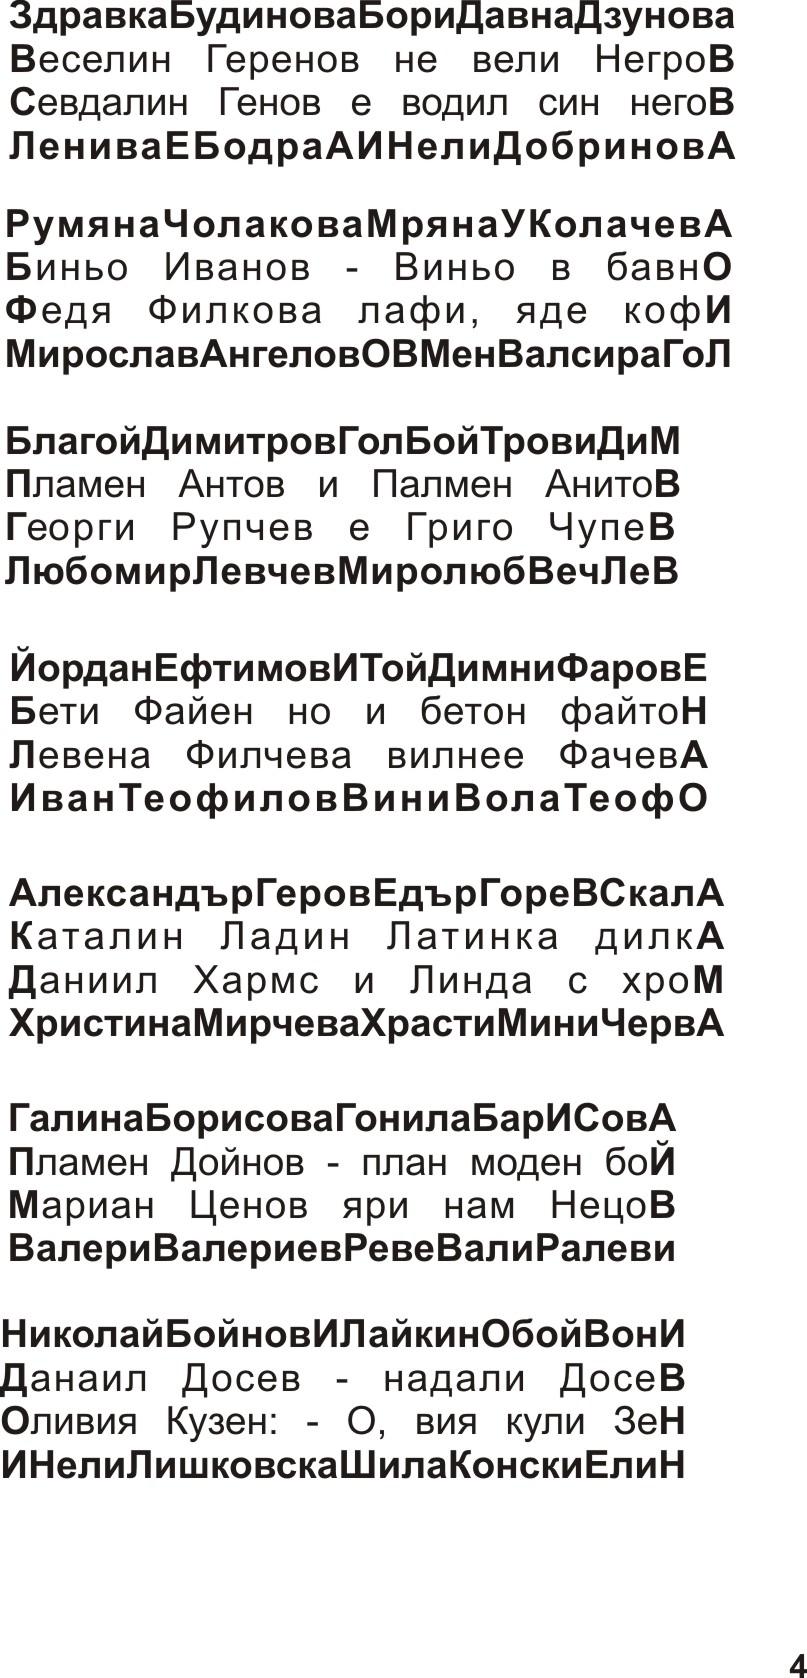 zlatni_kyulcheta_4